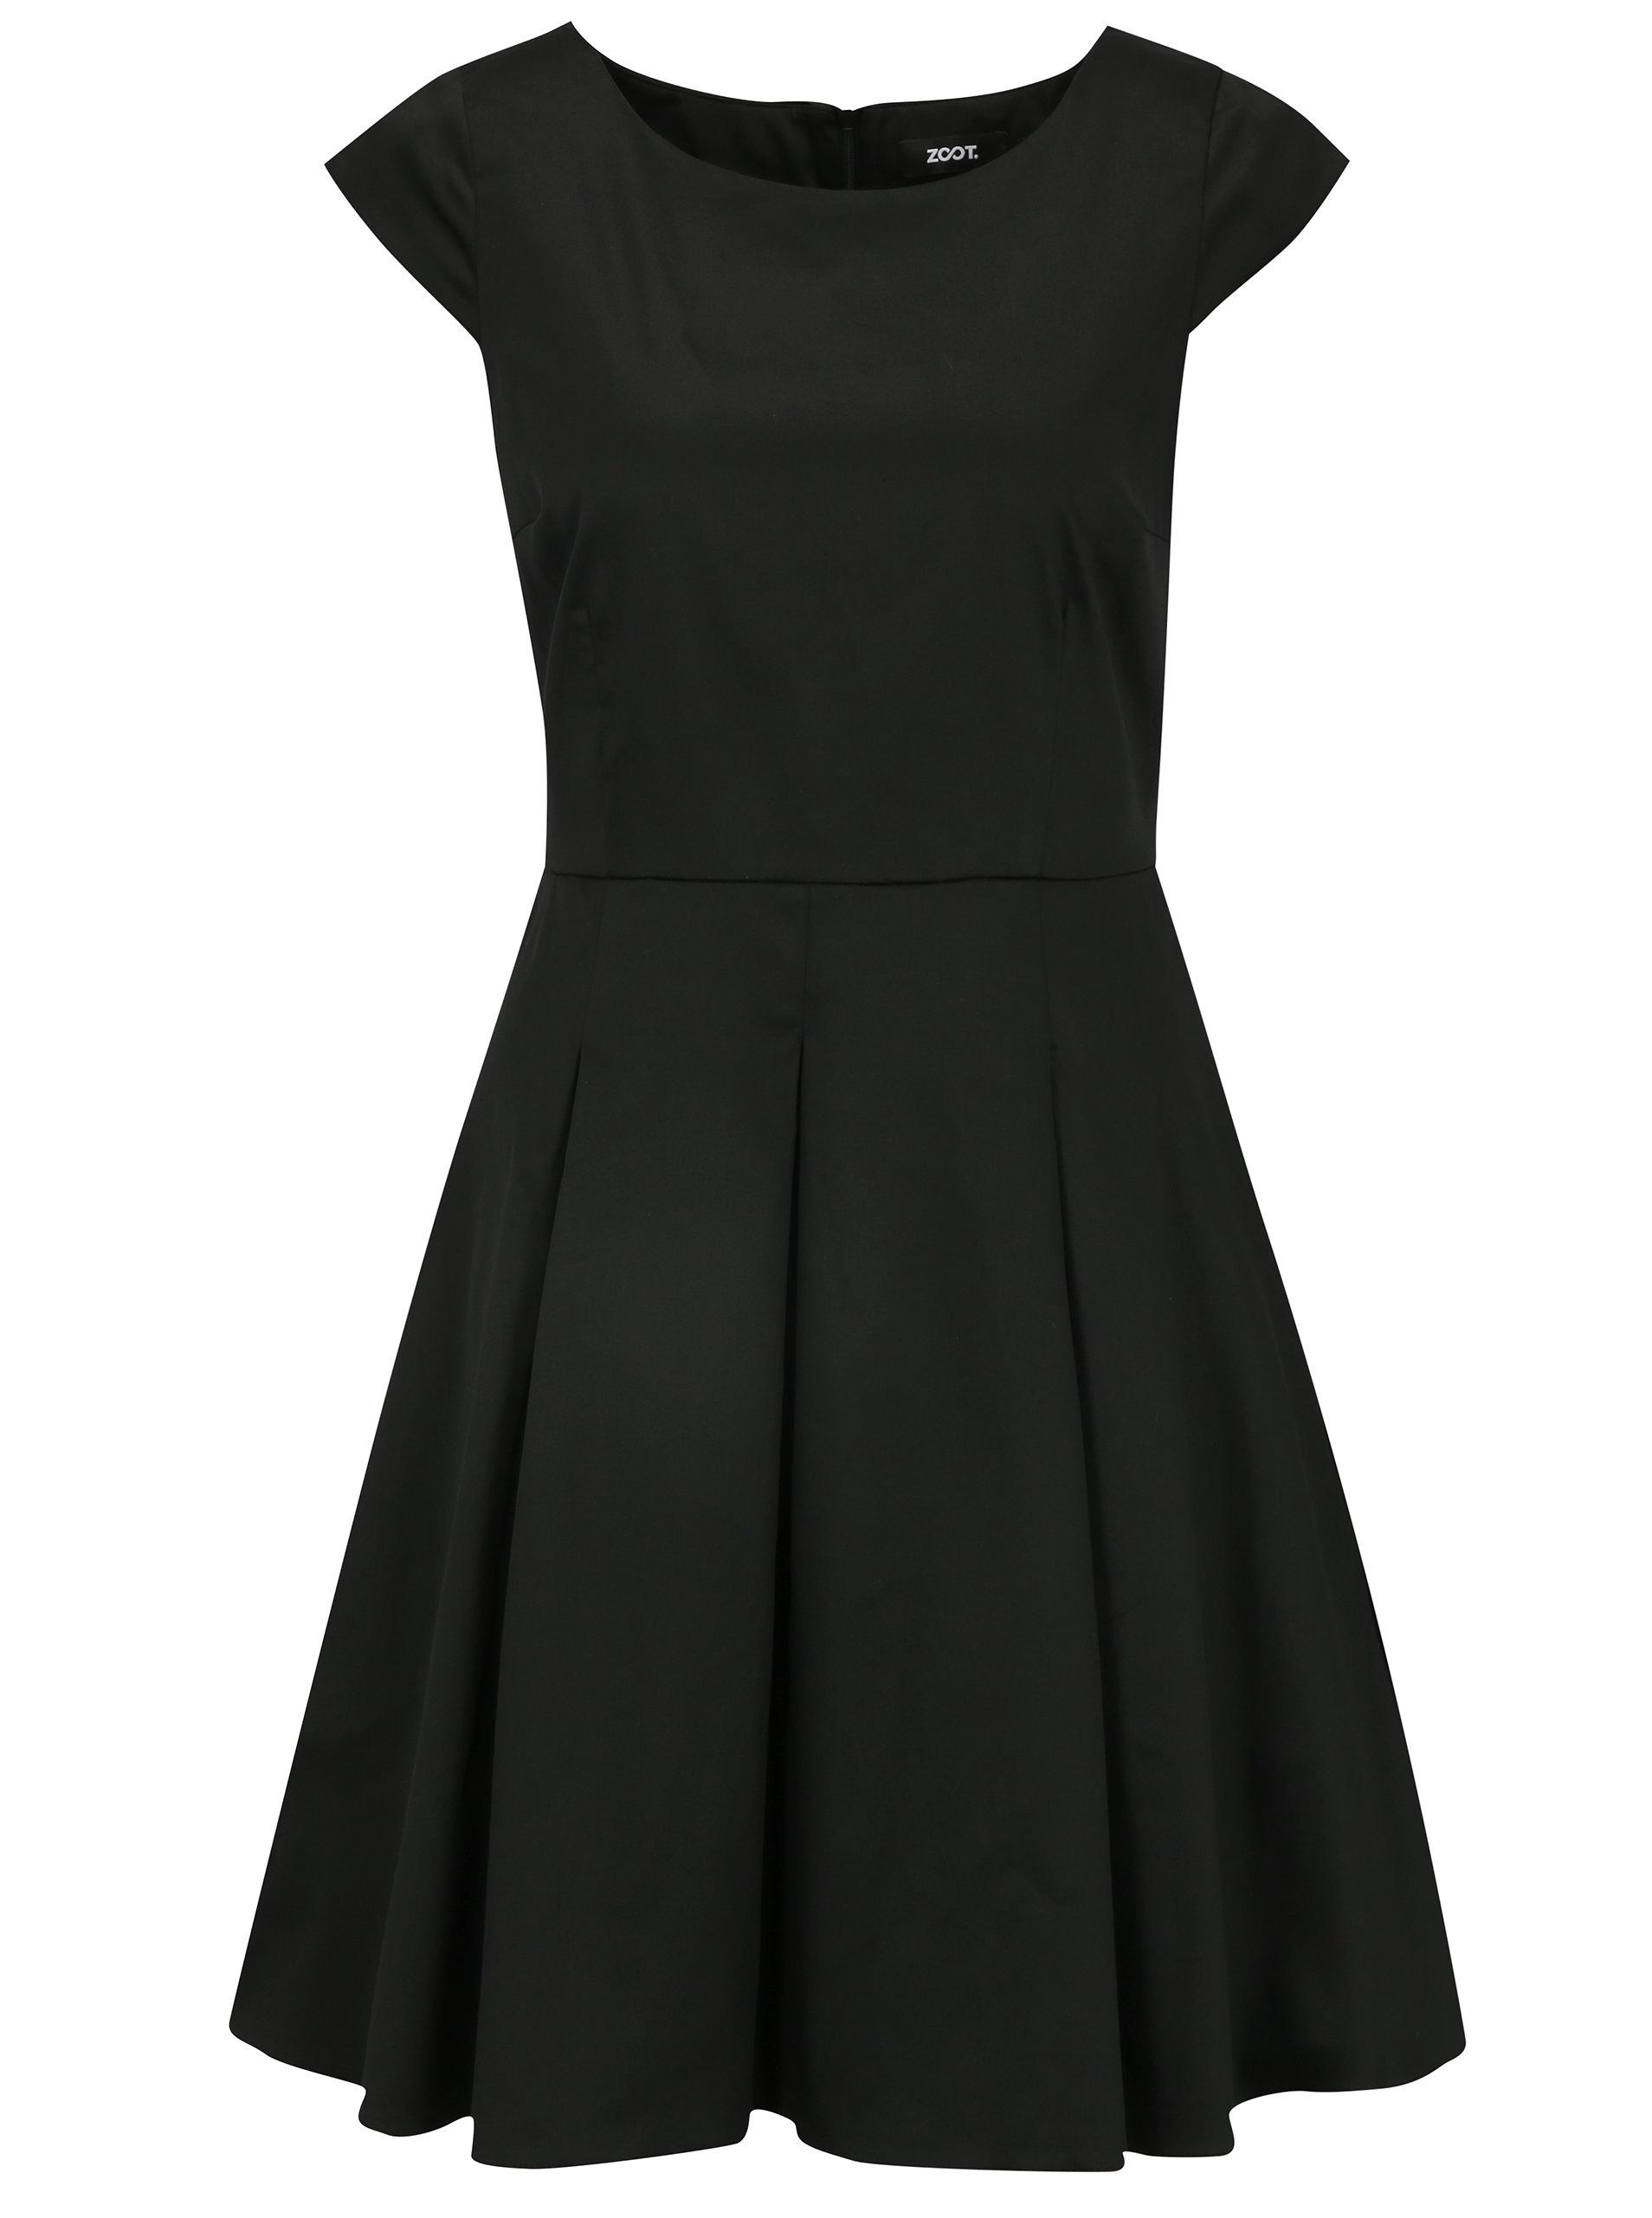 06e09ce1bd1e Černe šaty s áčkovou sukní ZOOT ...